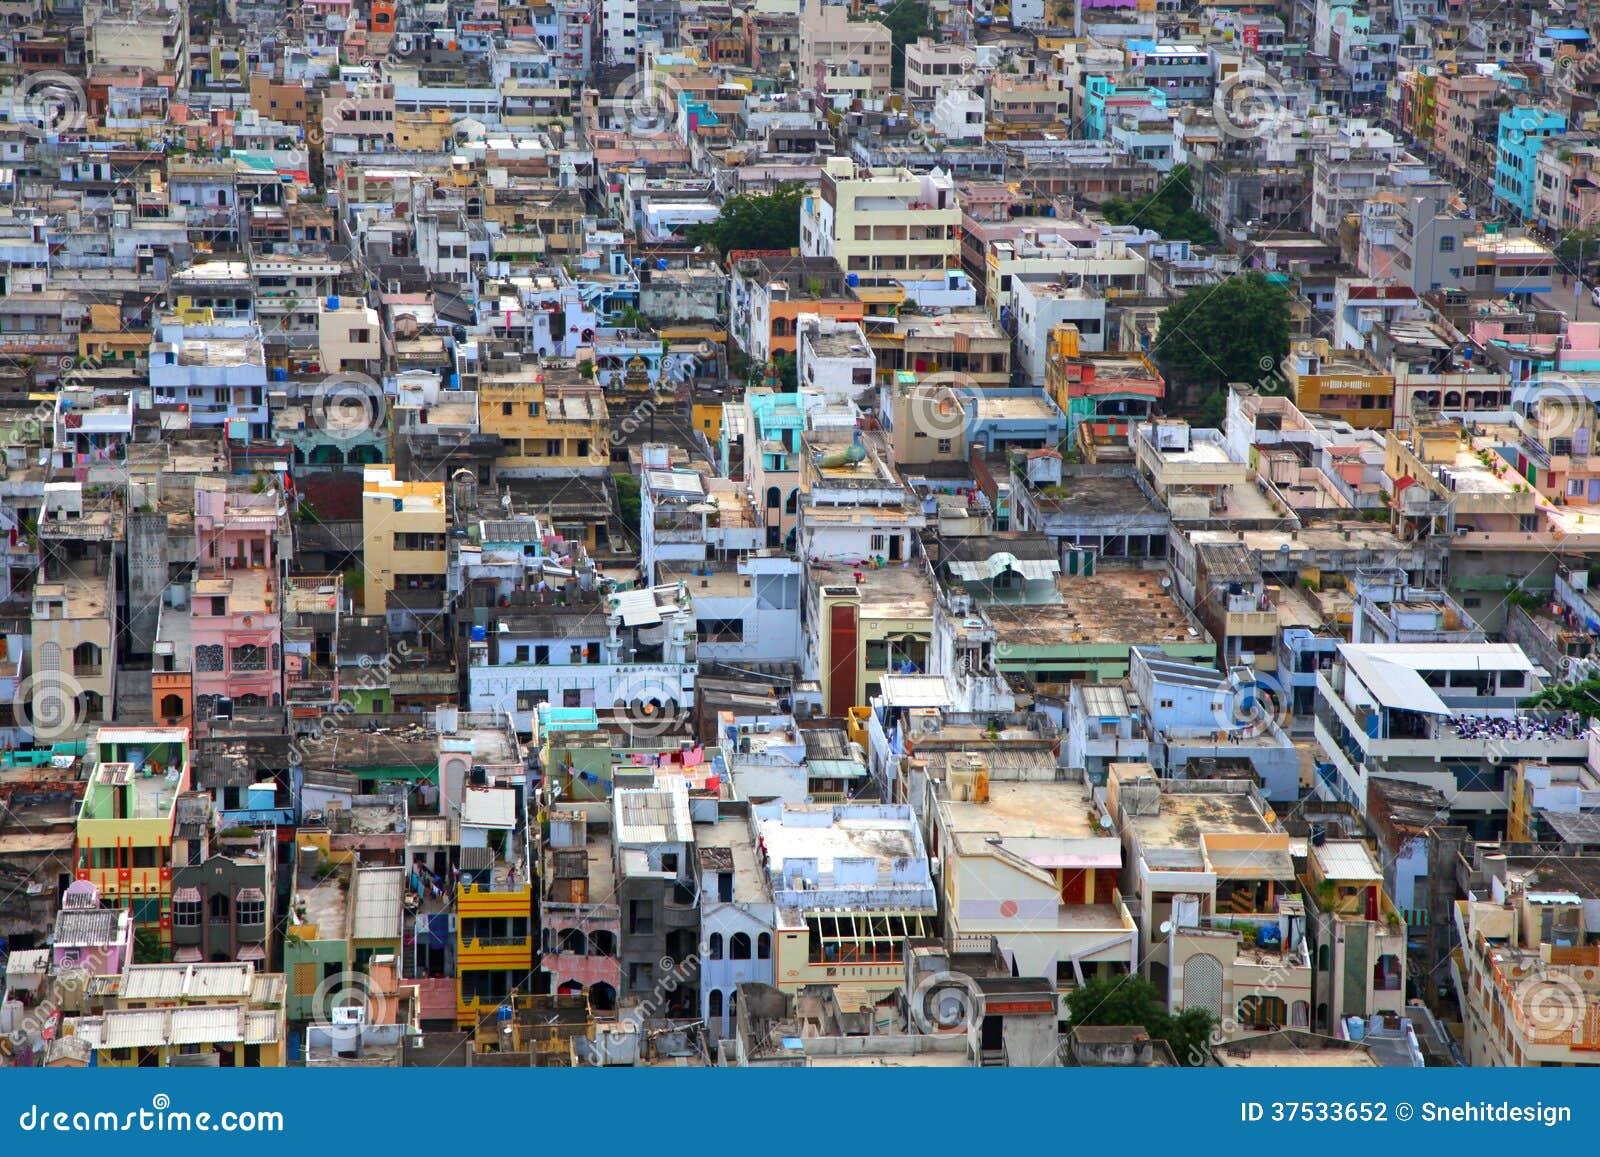 Vijayawada India  city pictures gallery : Vijayawada, India Stock Photography Image: 37533652